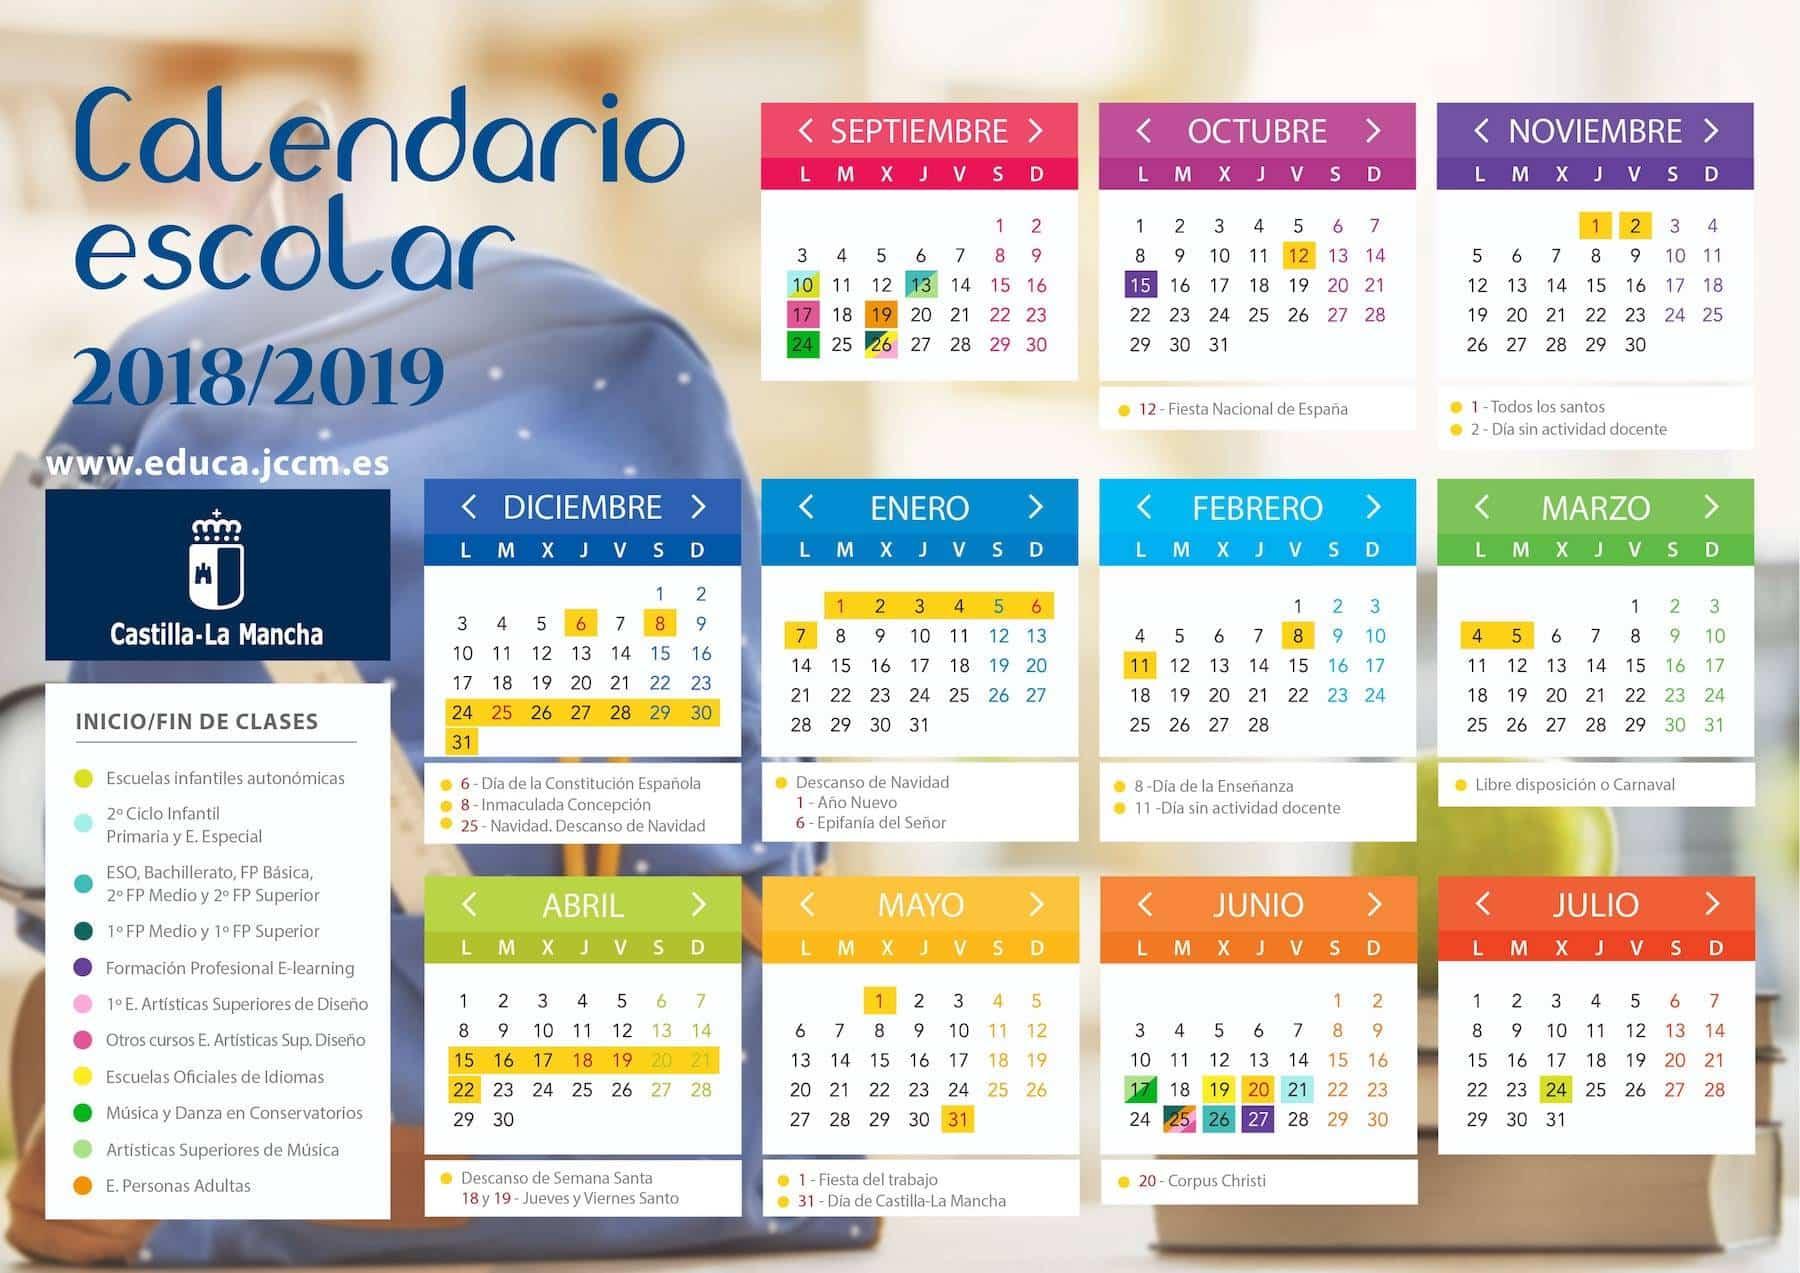 Calendario escolar en Castilla-La Mancha para 2018-2019